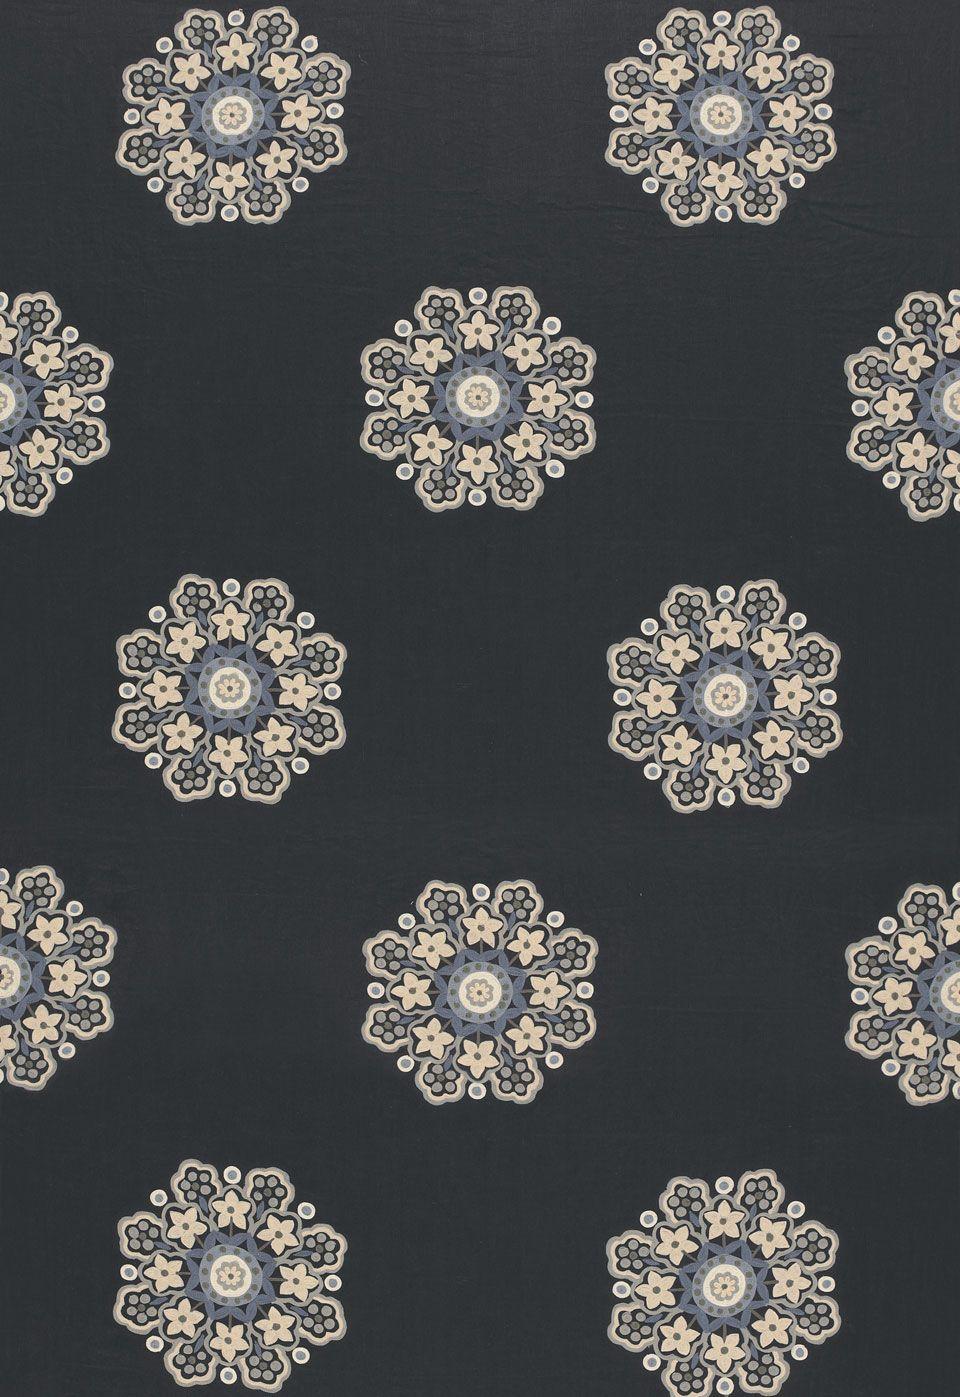 Fabric Chennai Linen Embroidery In Midnight Schumacher Schumacher Fabric